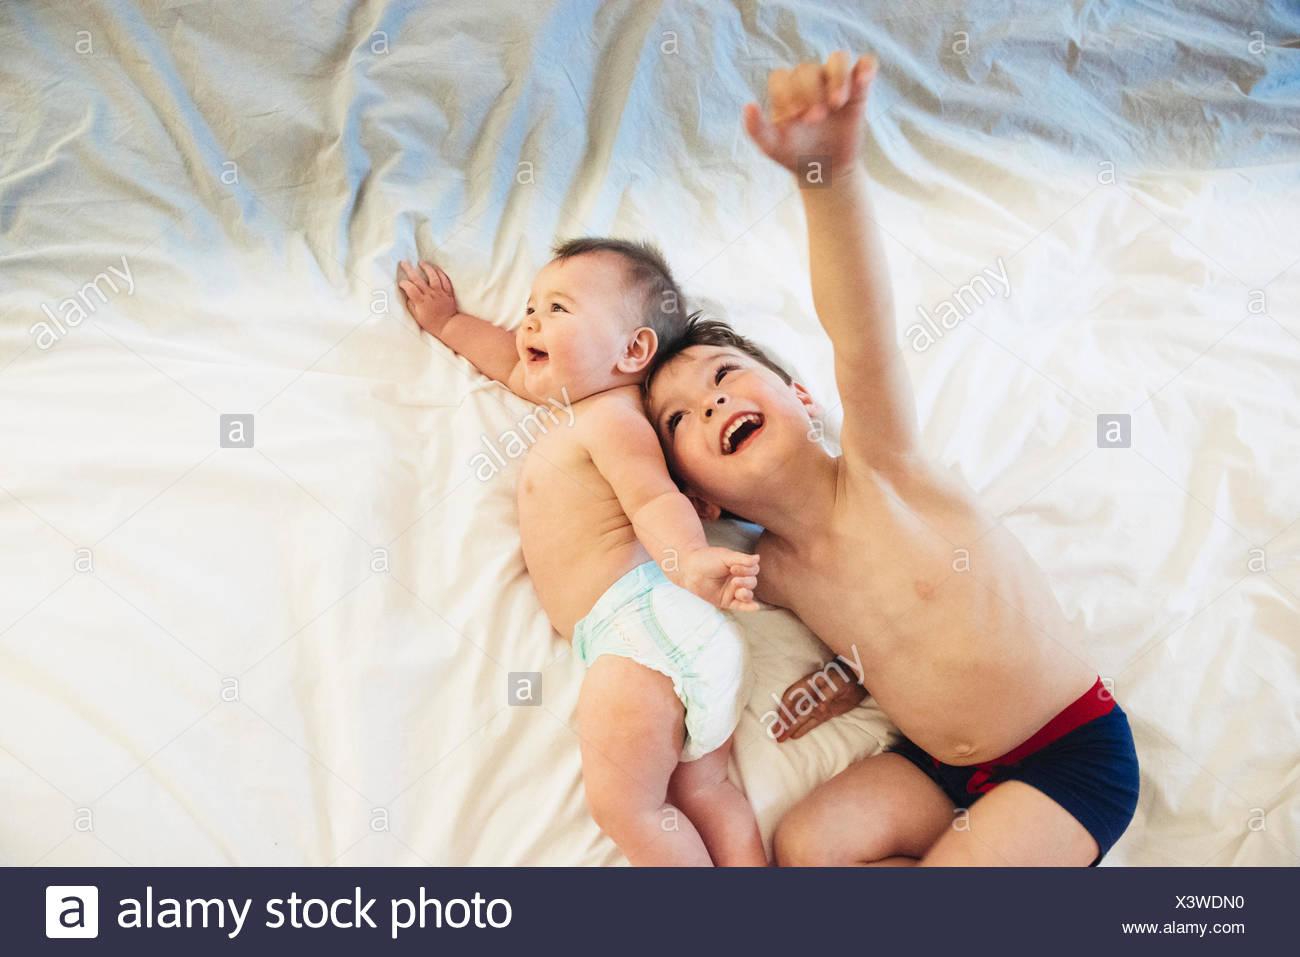 Dos niños, un hermano y una hermana de bebé acostado jugando juntos. Imagen De Stock